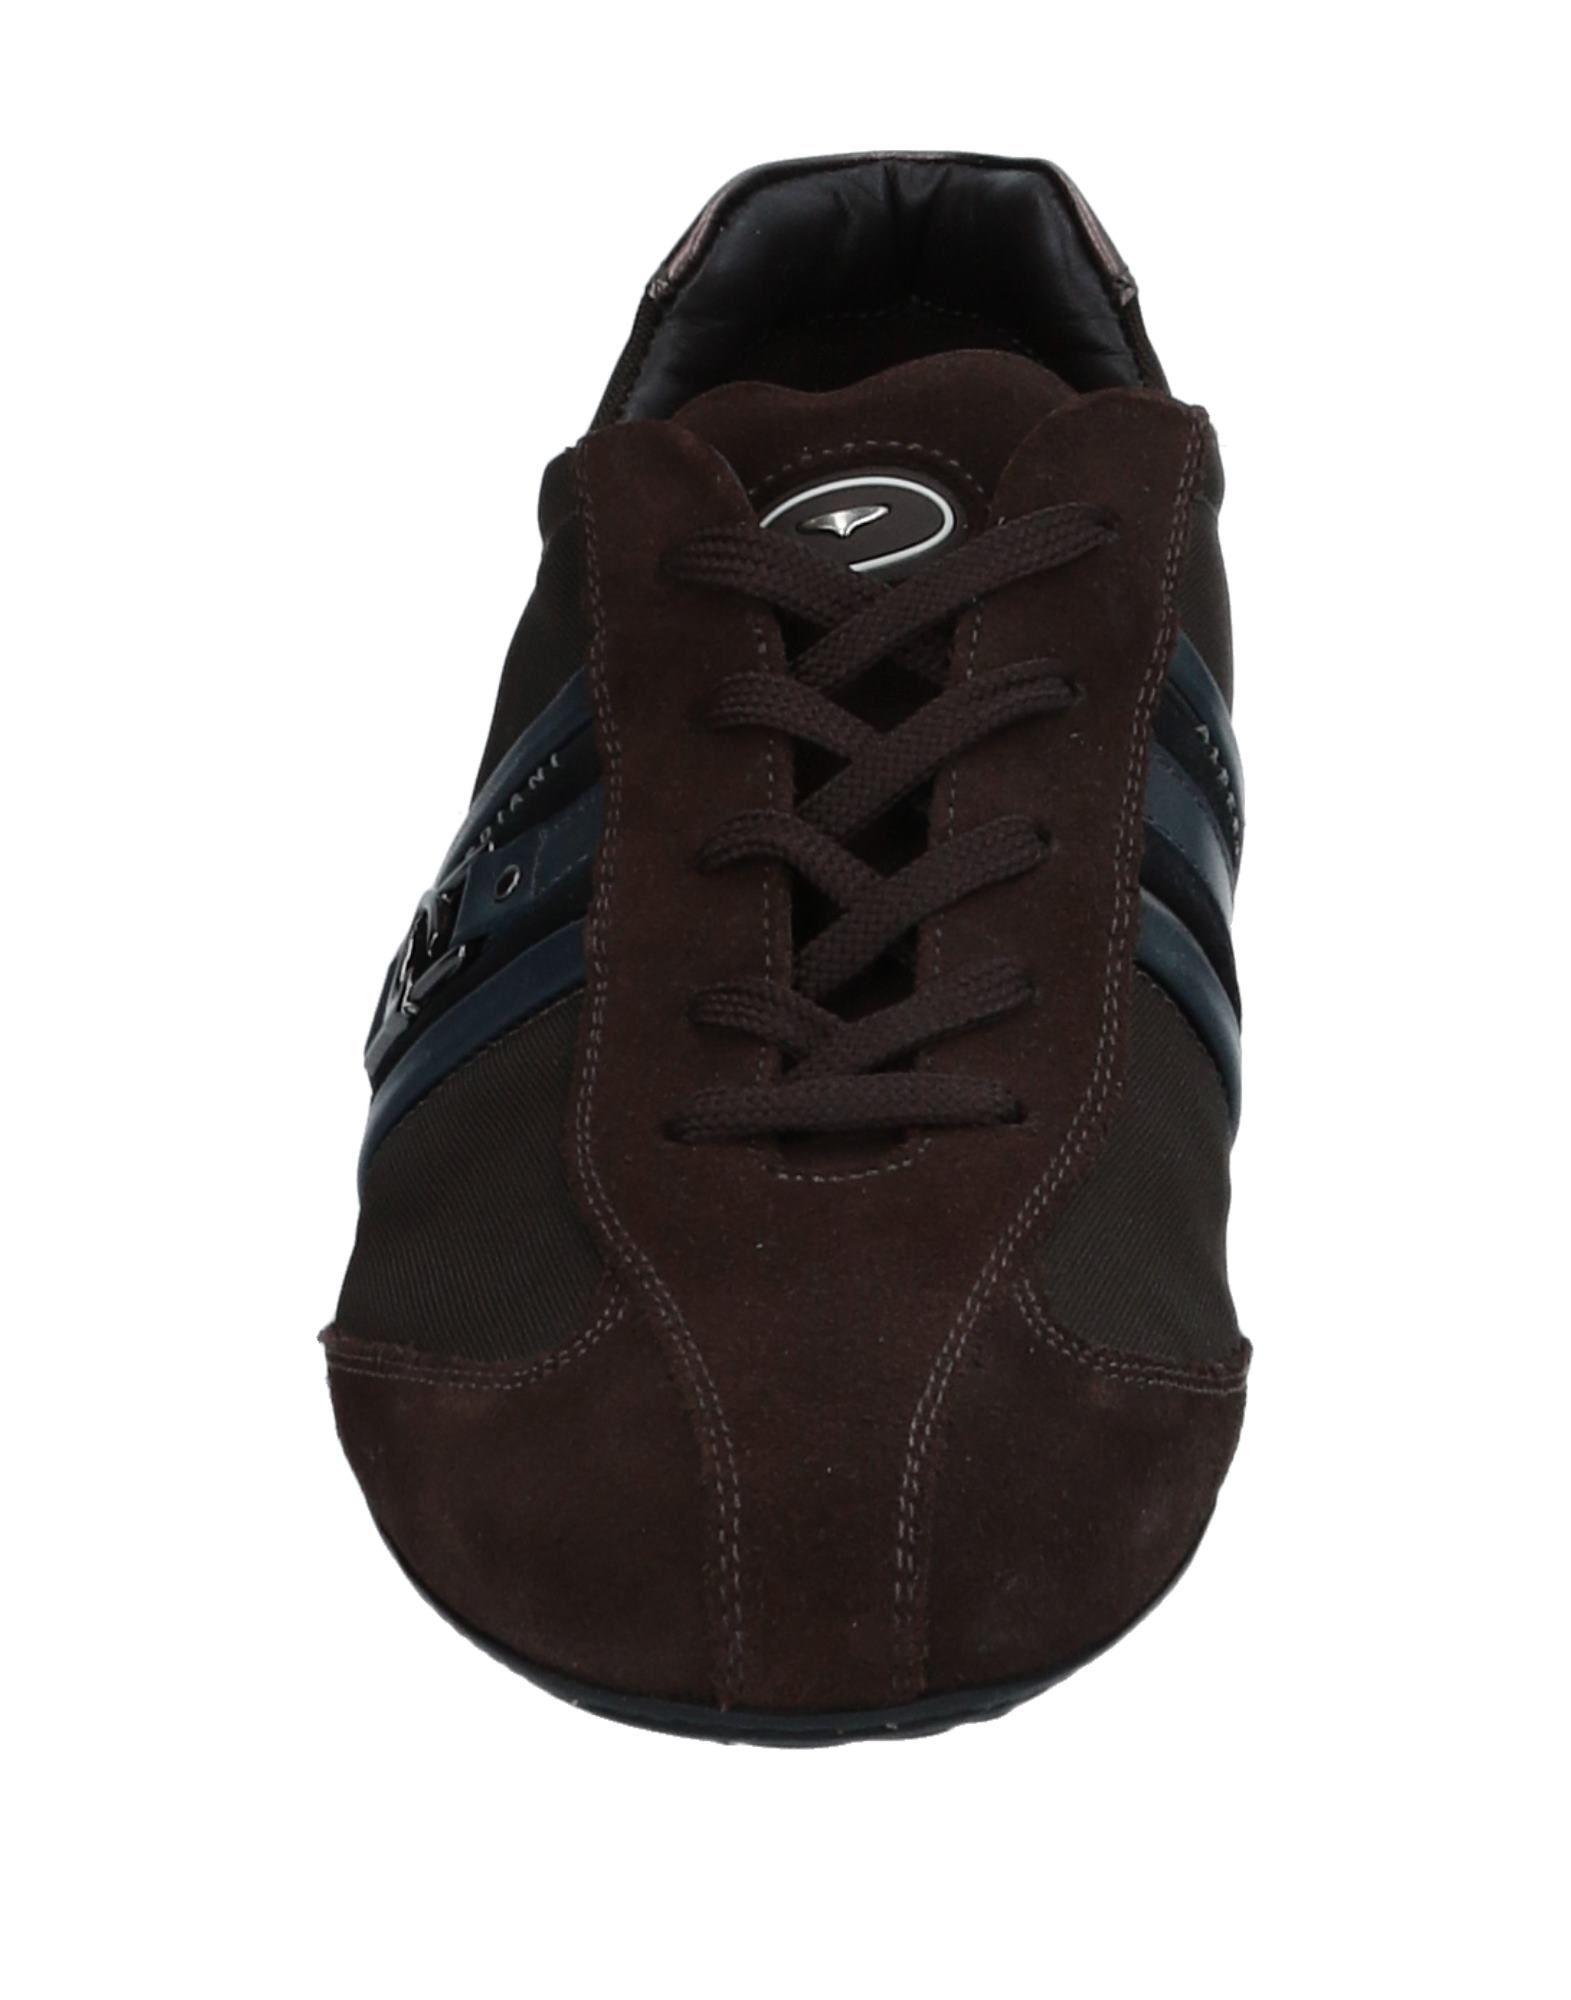 Alberto Guardiani Sneakers Herren beliebte  11509452JS Gute Qualität beliebte Herren Schuhe 0d86de